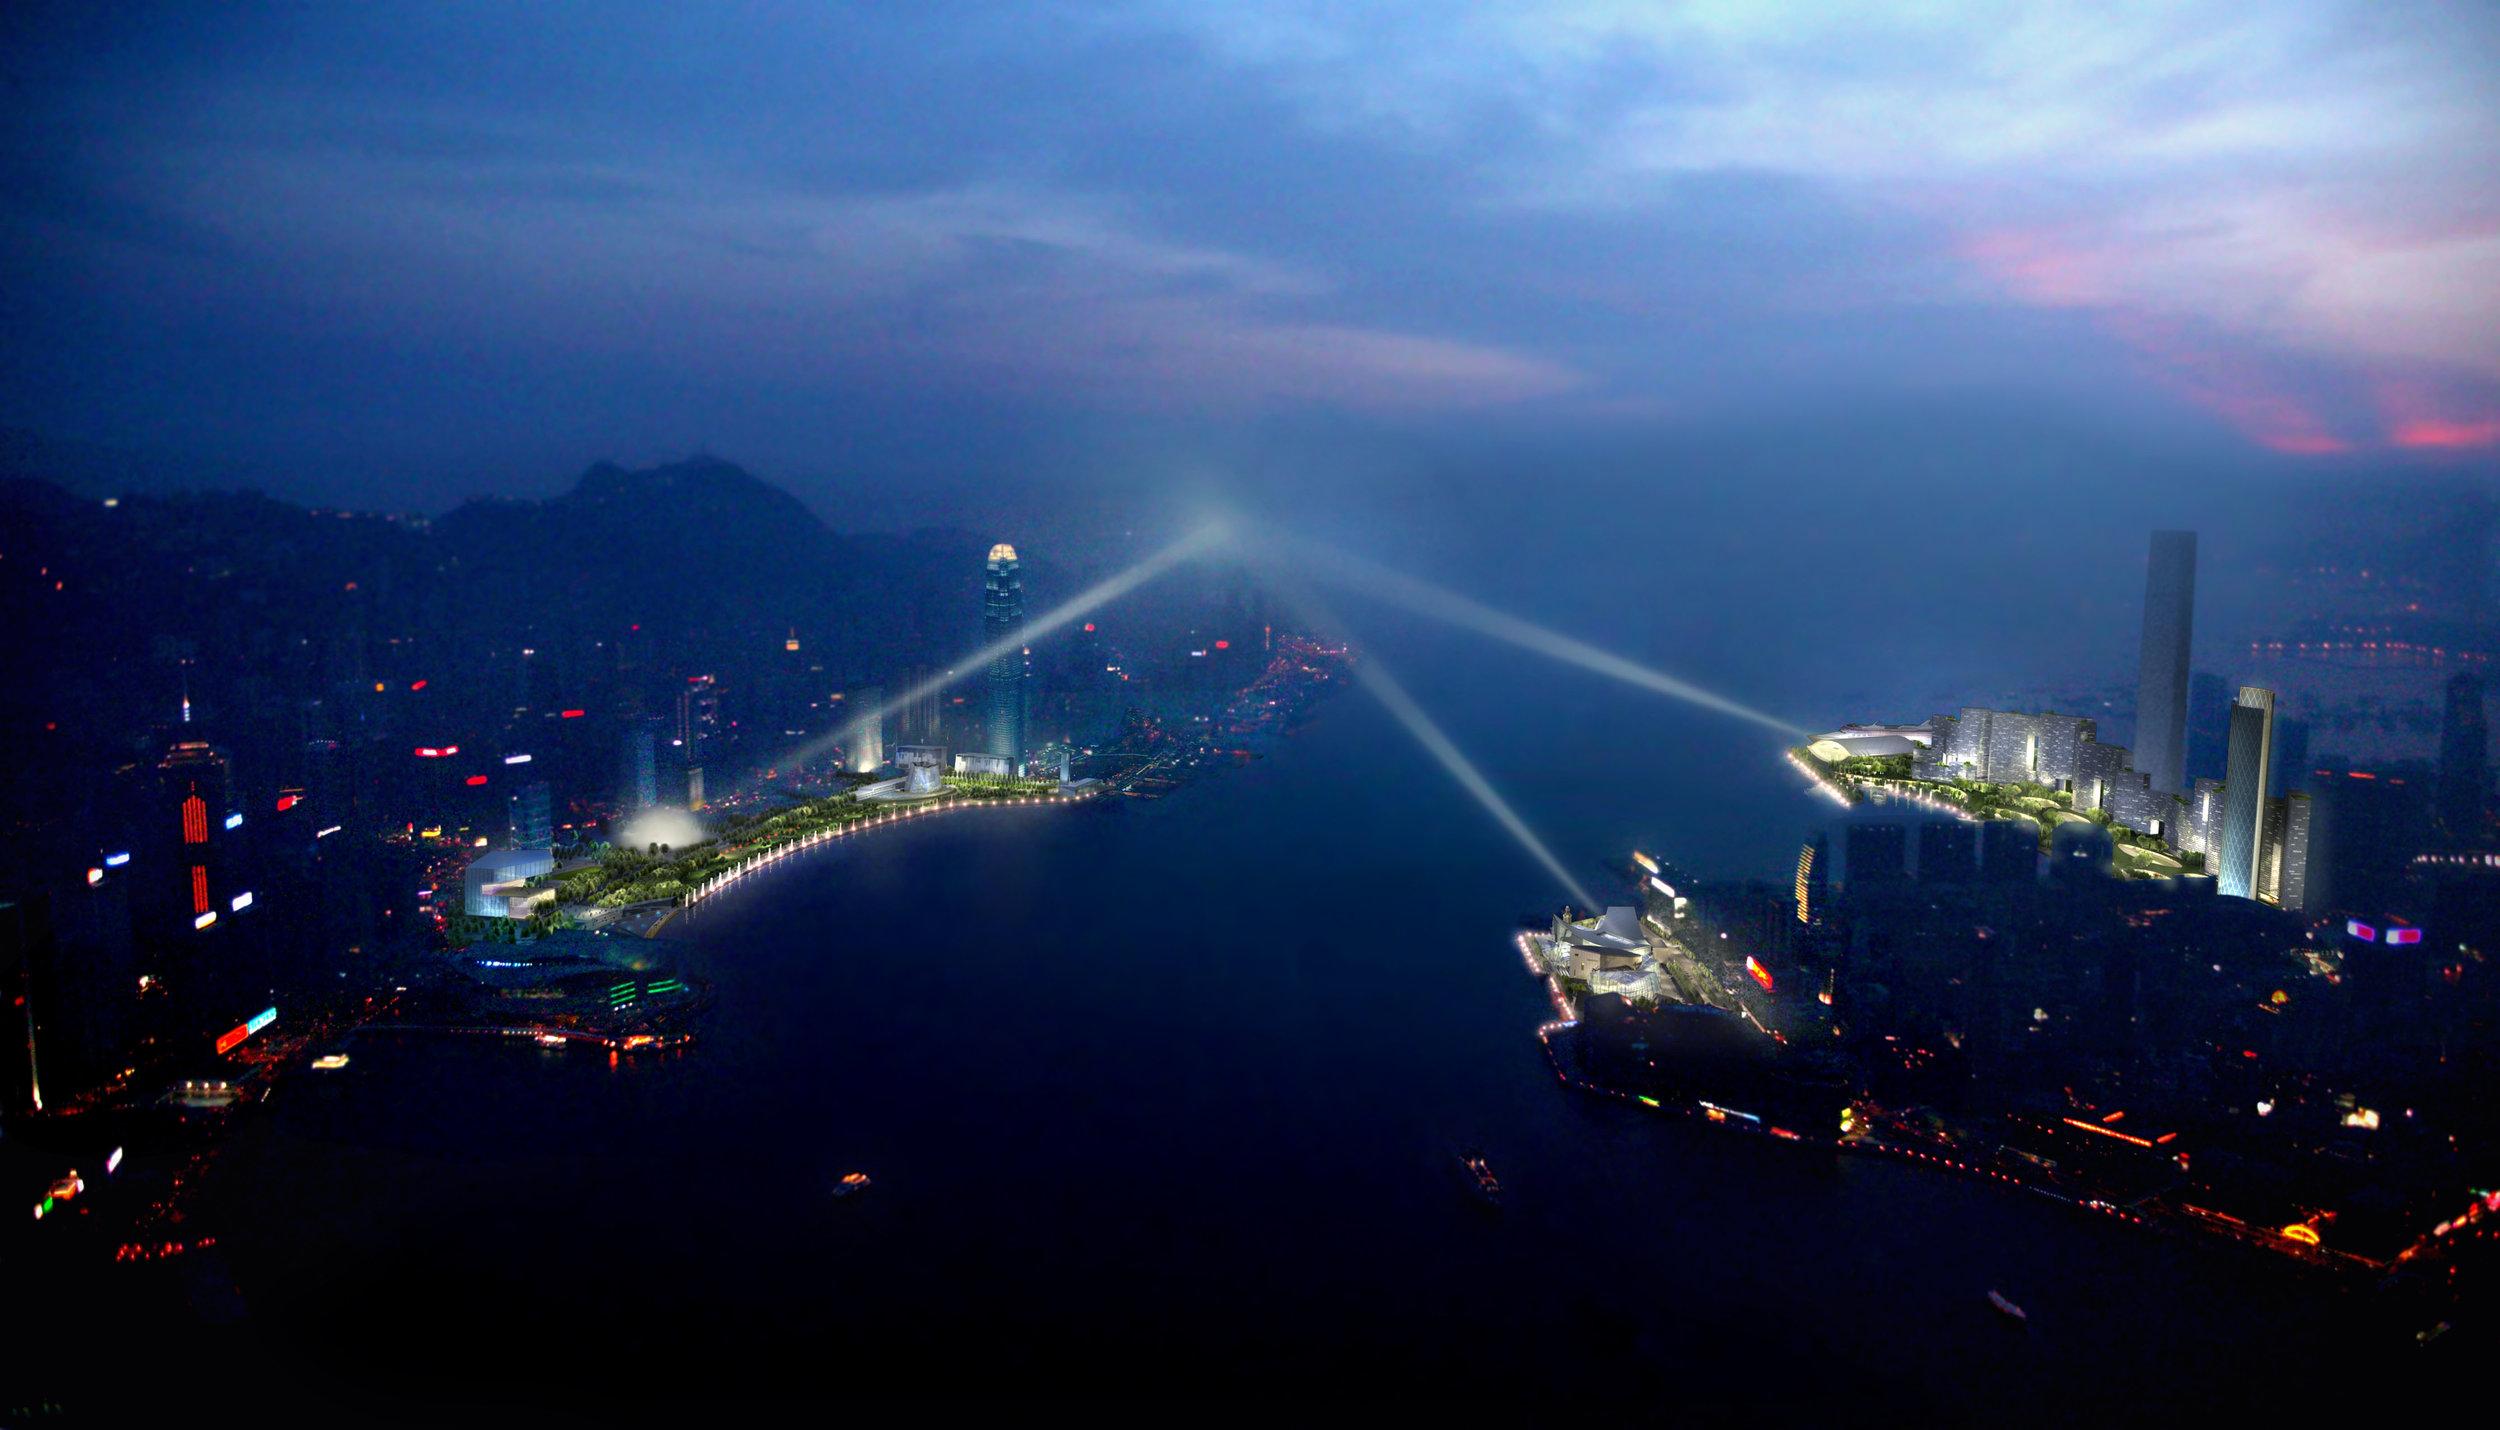 Hongkong Harborfront Lighting Proposal